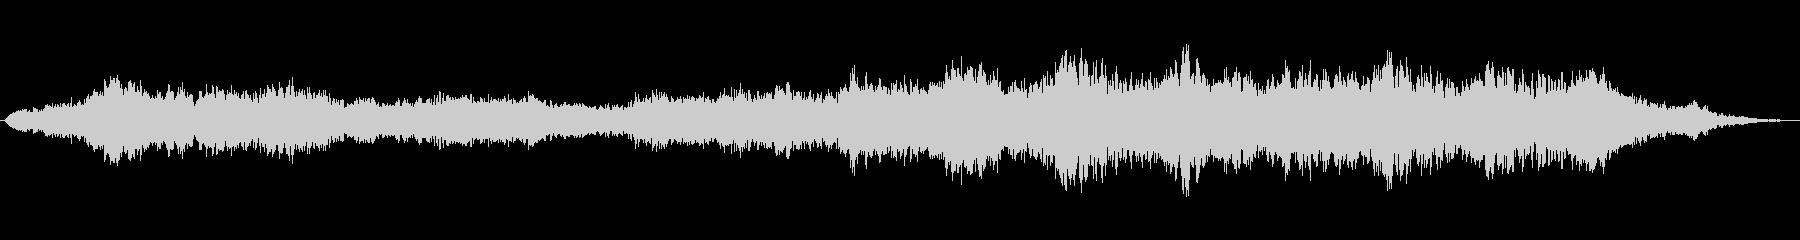 ブツブツ エイリアンオオカミ01の未再生の波形